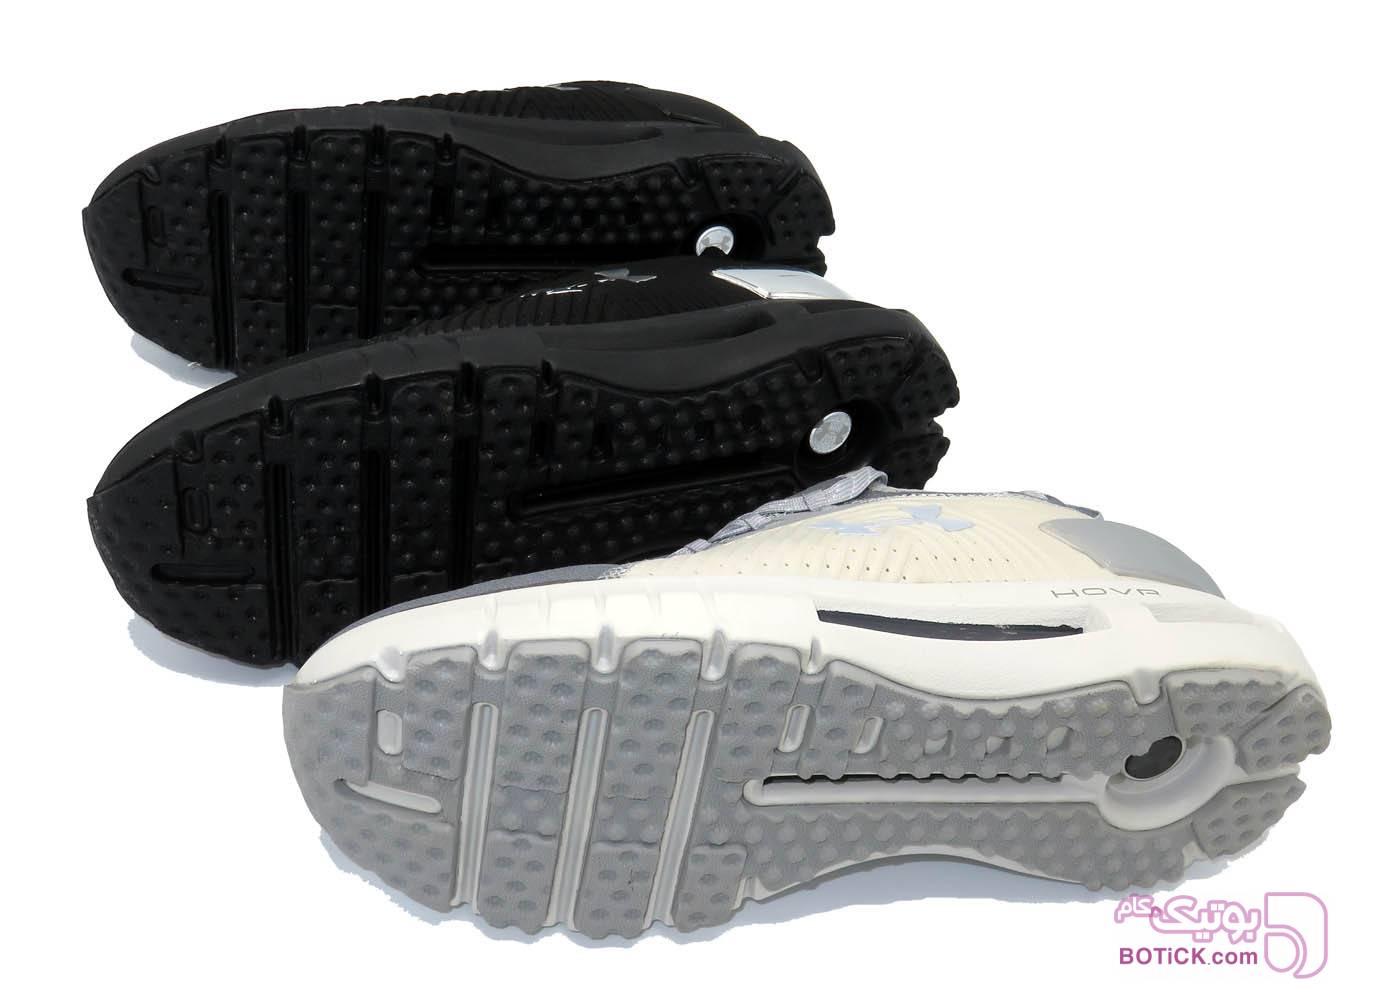 کفش و کتونی اسپرت مردانه مخصوص پیاده روی آندر آرمور مدل Under Armour 3021587-100 طوسی كتانی مردانه